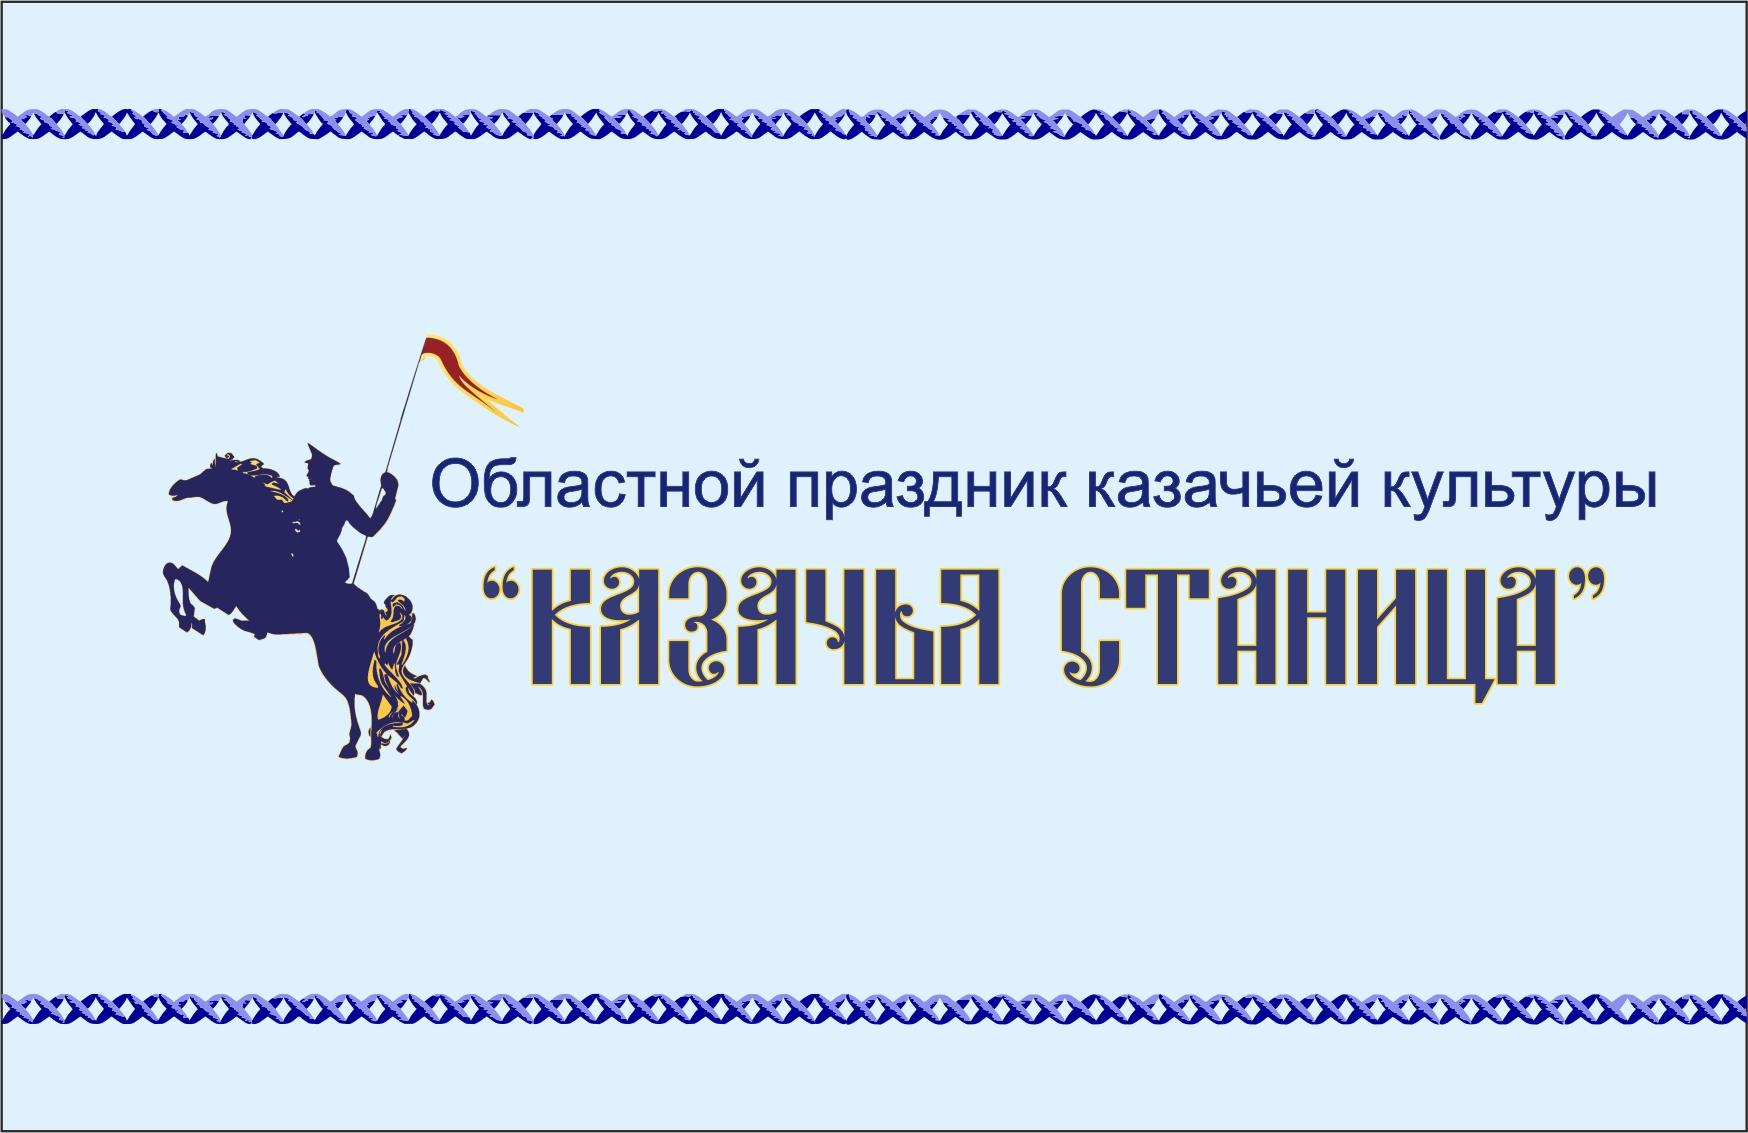 Мастер-класс по вокалу пройдет в Астрахани для руководителей казачьих самодеятельных коллективов